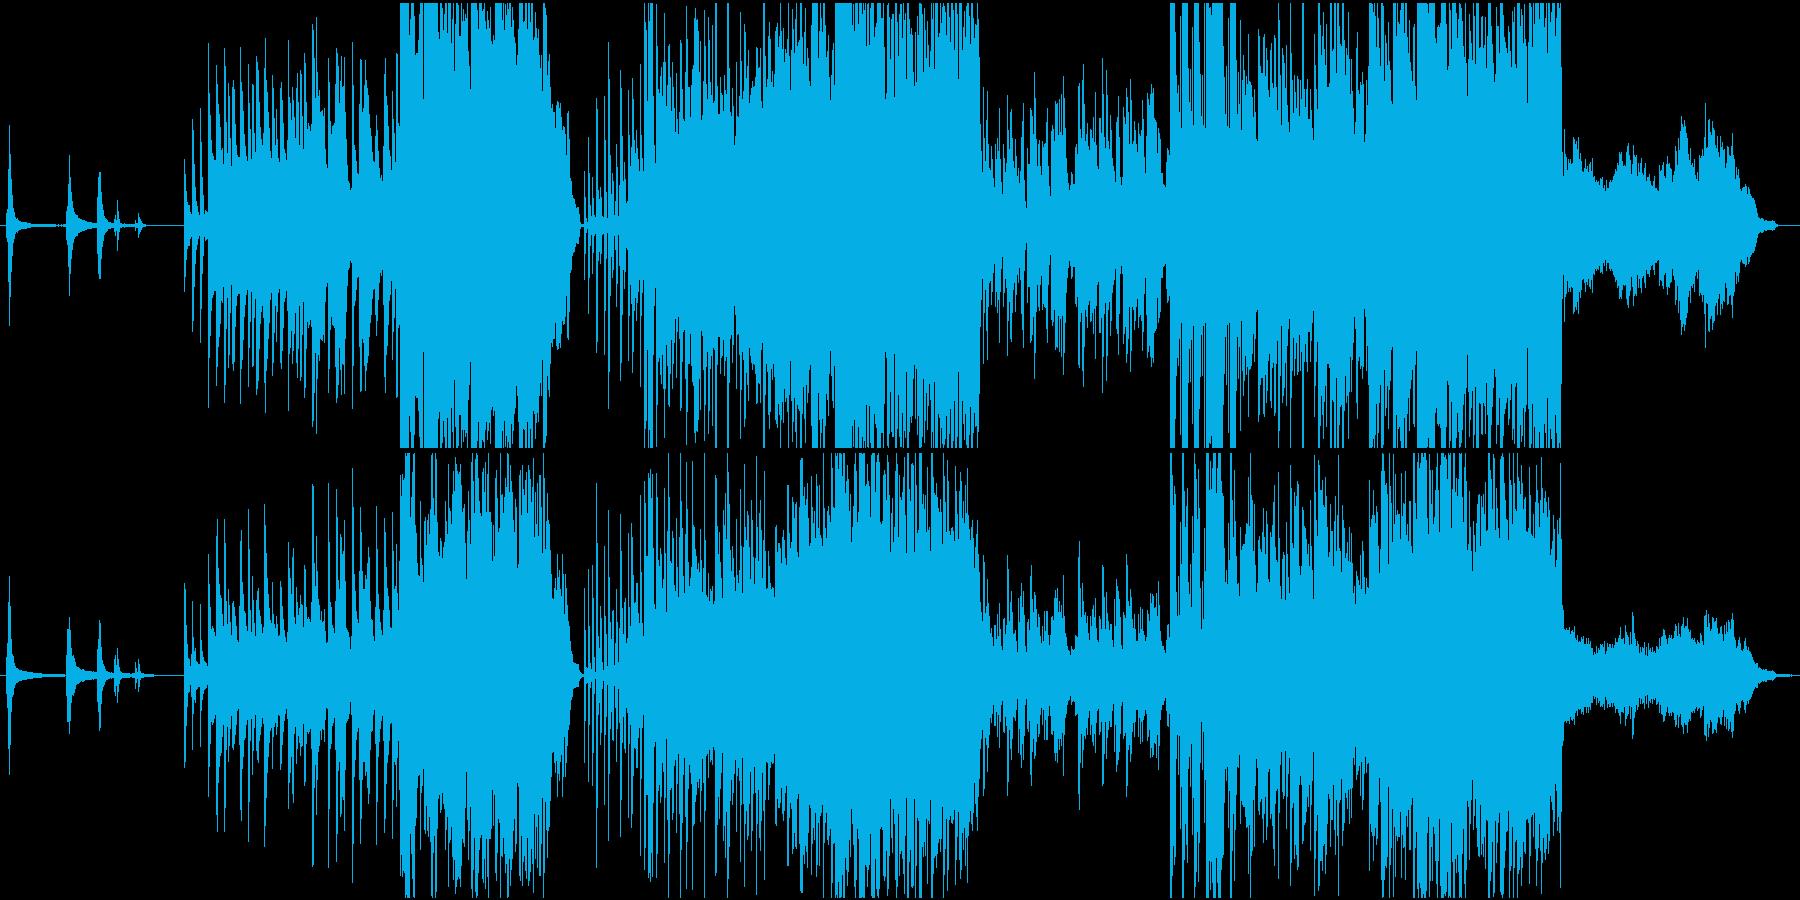 映画的で暗めな和風オーケストラ楽曲の再生済みの波形